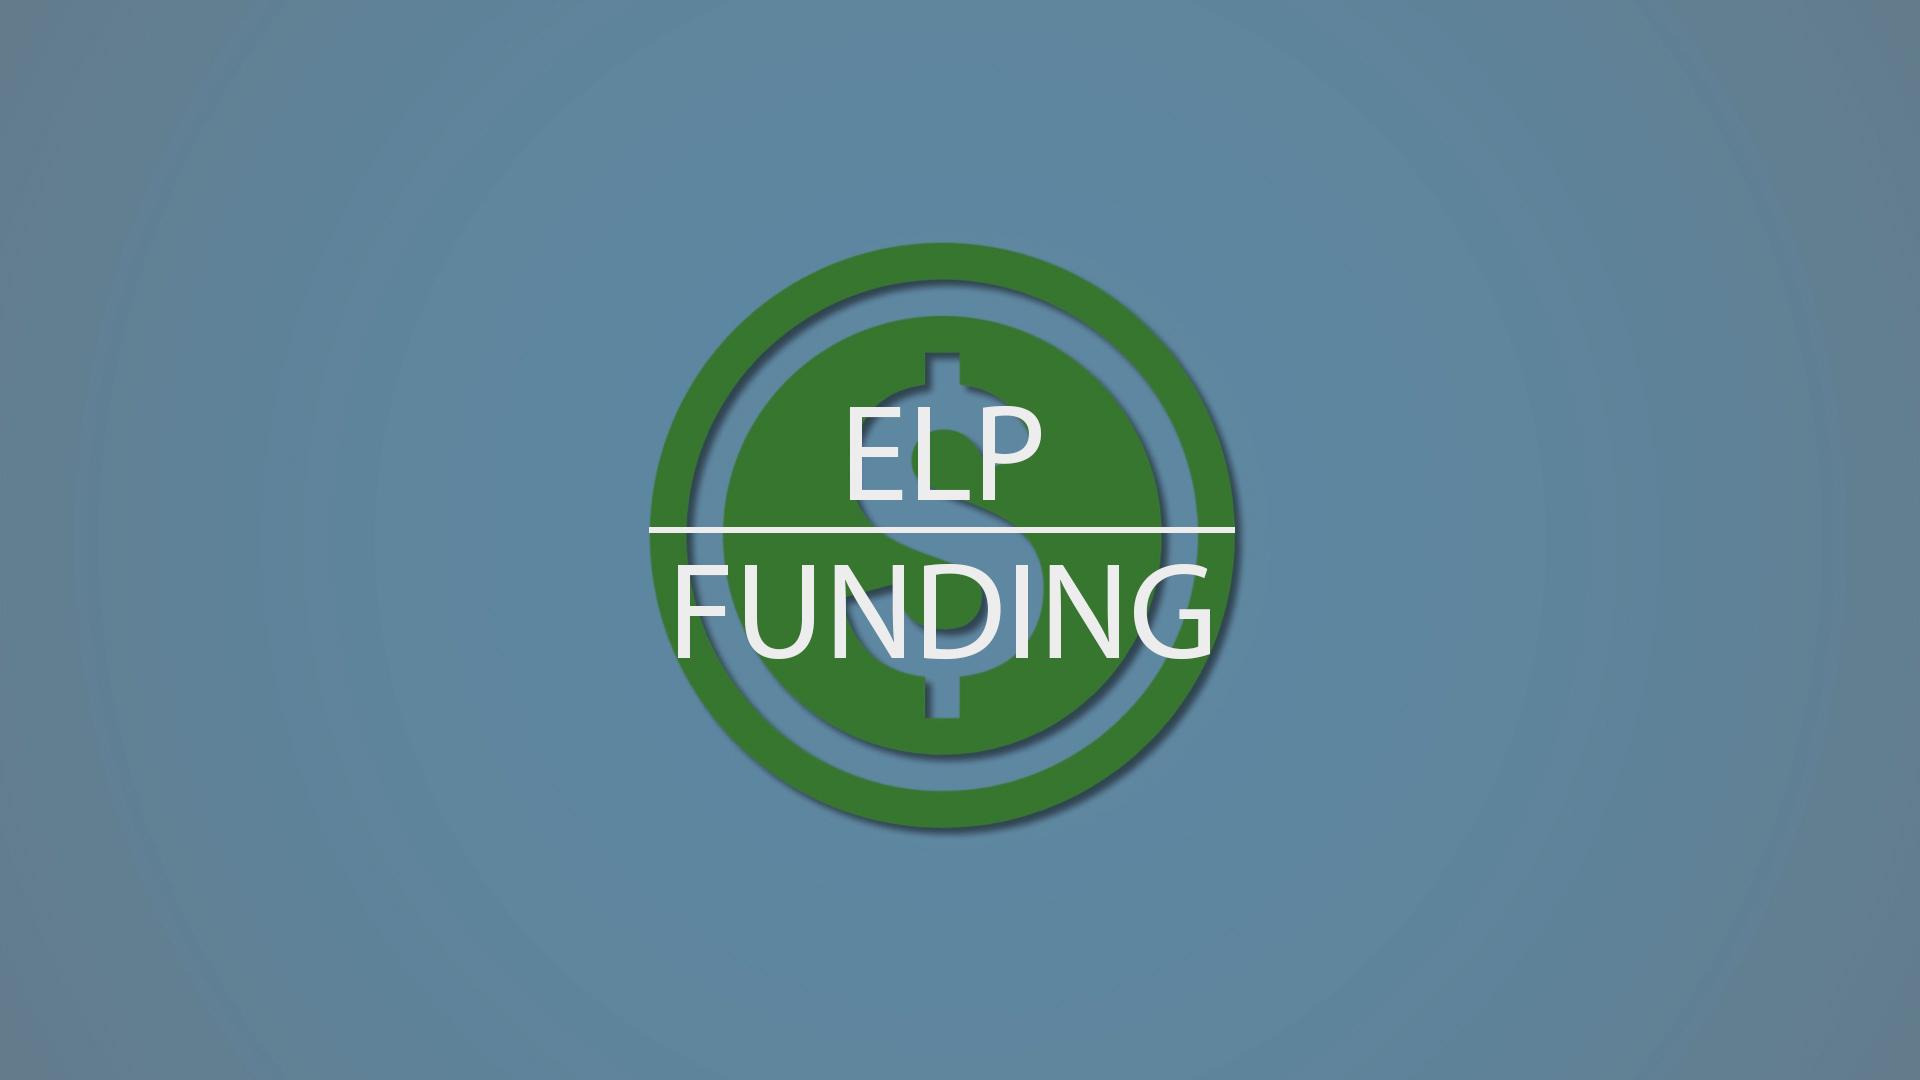 ELP Funding